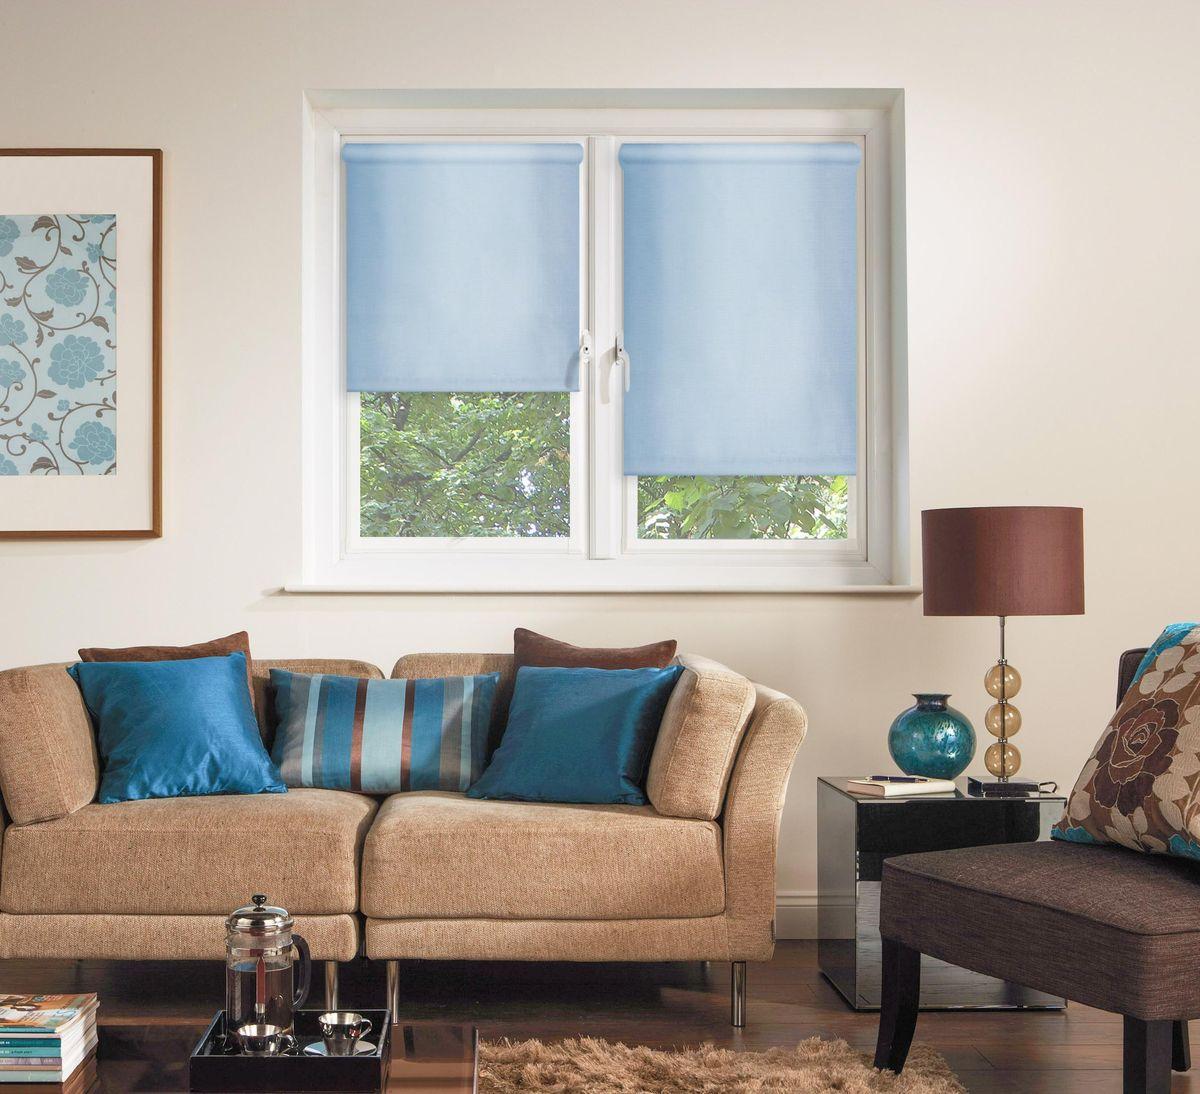 Штора рулонная Эскар, цвет: голубой, ширина 130 см, высота 170 см81005130170Рулонными шторами можно оформлять окна как самостоятельно, так и использовать в комбинации с портьерами. Это поможет предотвратить выгорание дорогой ткани на солнце и соединит функционал рулонных с красотой навесных.Преимущества применения рулонных штор для пластиковых окон:- имеют прекрасный внешний вид: многообразие и фактурность материала изделия отлично смотрятся в любом интерьере; - многофункциональны: есть возможность подобрать шторы способные эффективно защитить комнату от солнца, при этом о на не будет слишком темной. - Есть возможность осуществить быстрый монтаж. ВНИМАНИЕ! Размеры ширины изделия указаны по ширине ткани!Во время эксплуатации не рекомендуется полностью разматывать рулон, чтобы не оторвать ткань от намоточного вала.В случае загрязнения поверхности ткани, чистку шторы проводят одним из способов, в зависимости от типа загрязнения: легкое поверхностное загрязнение можно удалить при помощи канцелярского ластика; чистка от пыли производится сухим методом при помощи пылесоса с мягкой щеткой-насадкой; для удаления пятна используйте мягкую губку с пенообразующим неагрессивным моющим средством или пятновыводитель на натуральной основе (нельзя применять растворители).